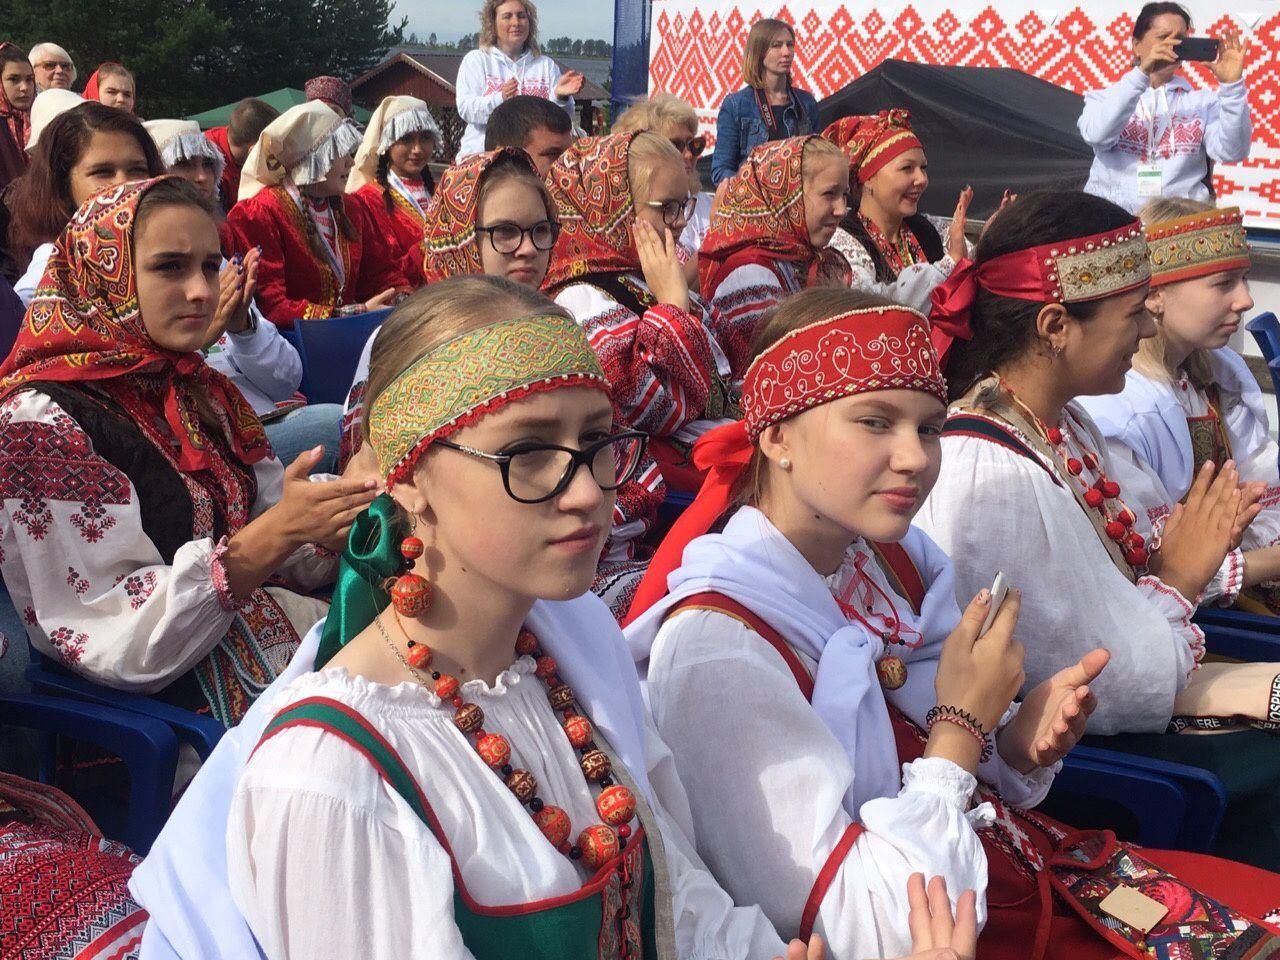 Подведены итоги Всероссийского детского фестиваля народной культуры «Наследники традиций» / rgo.ru